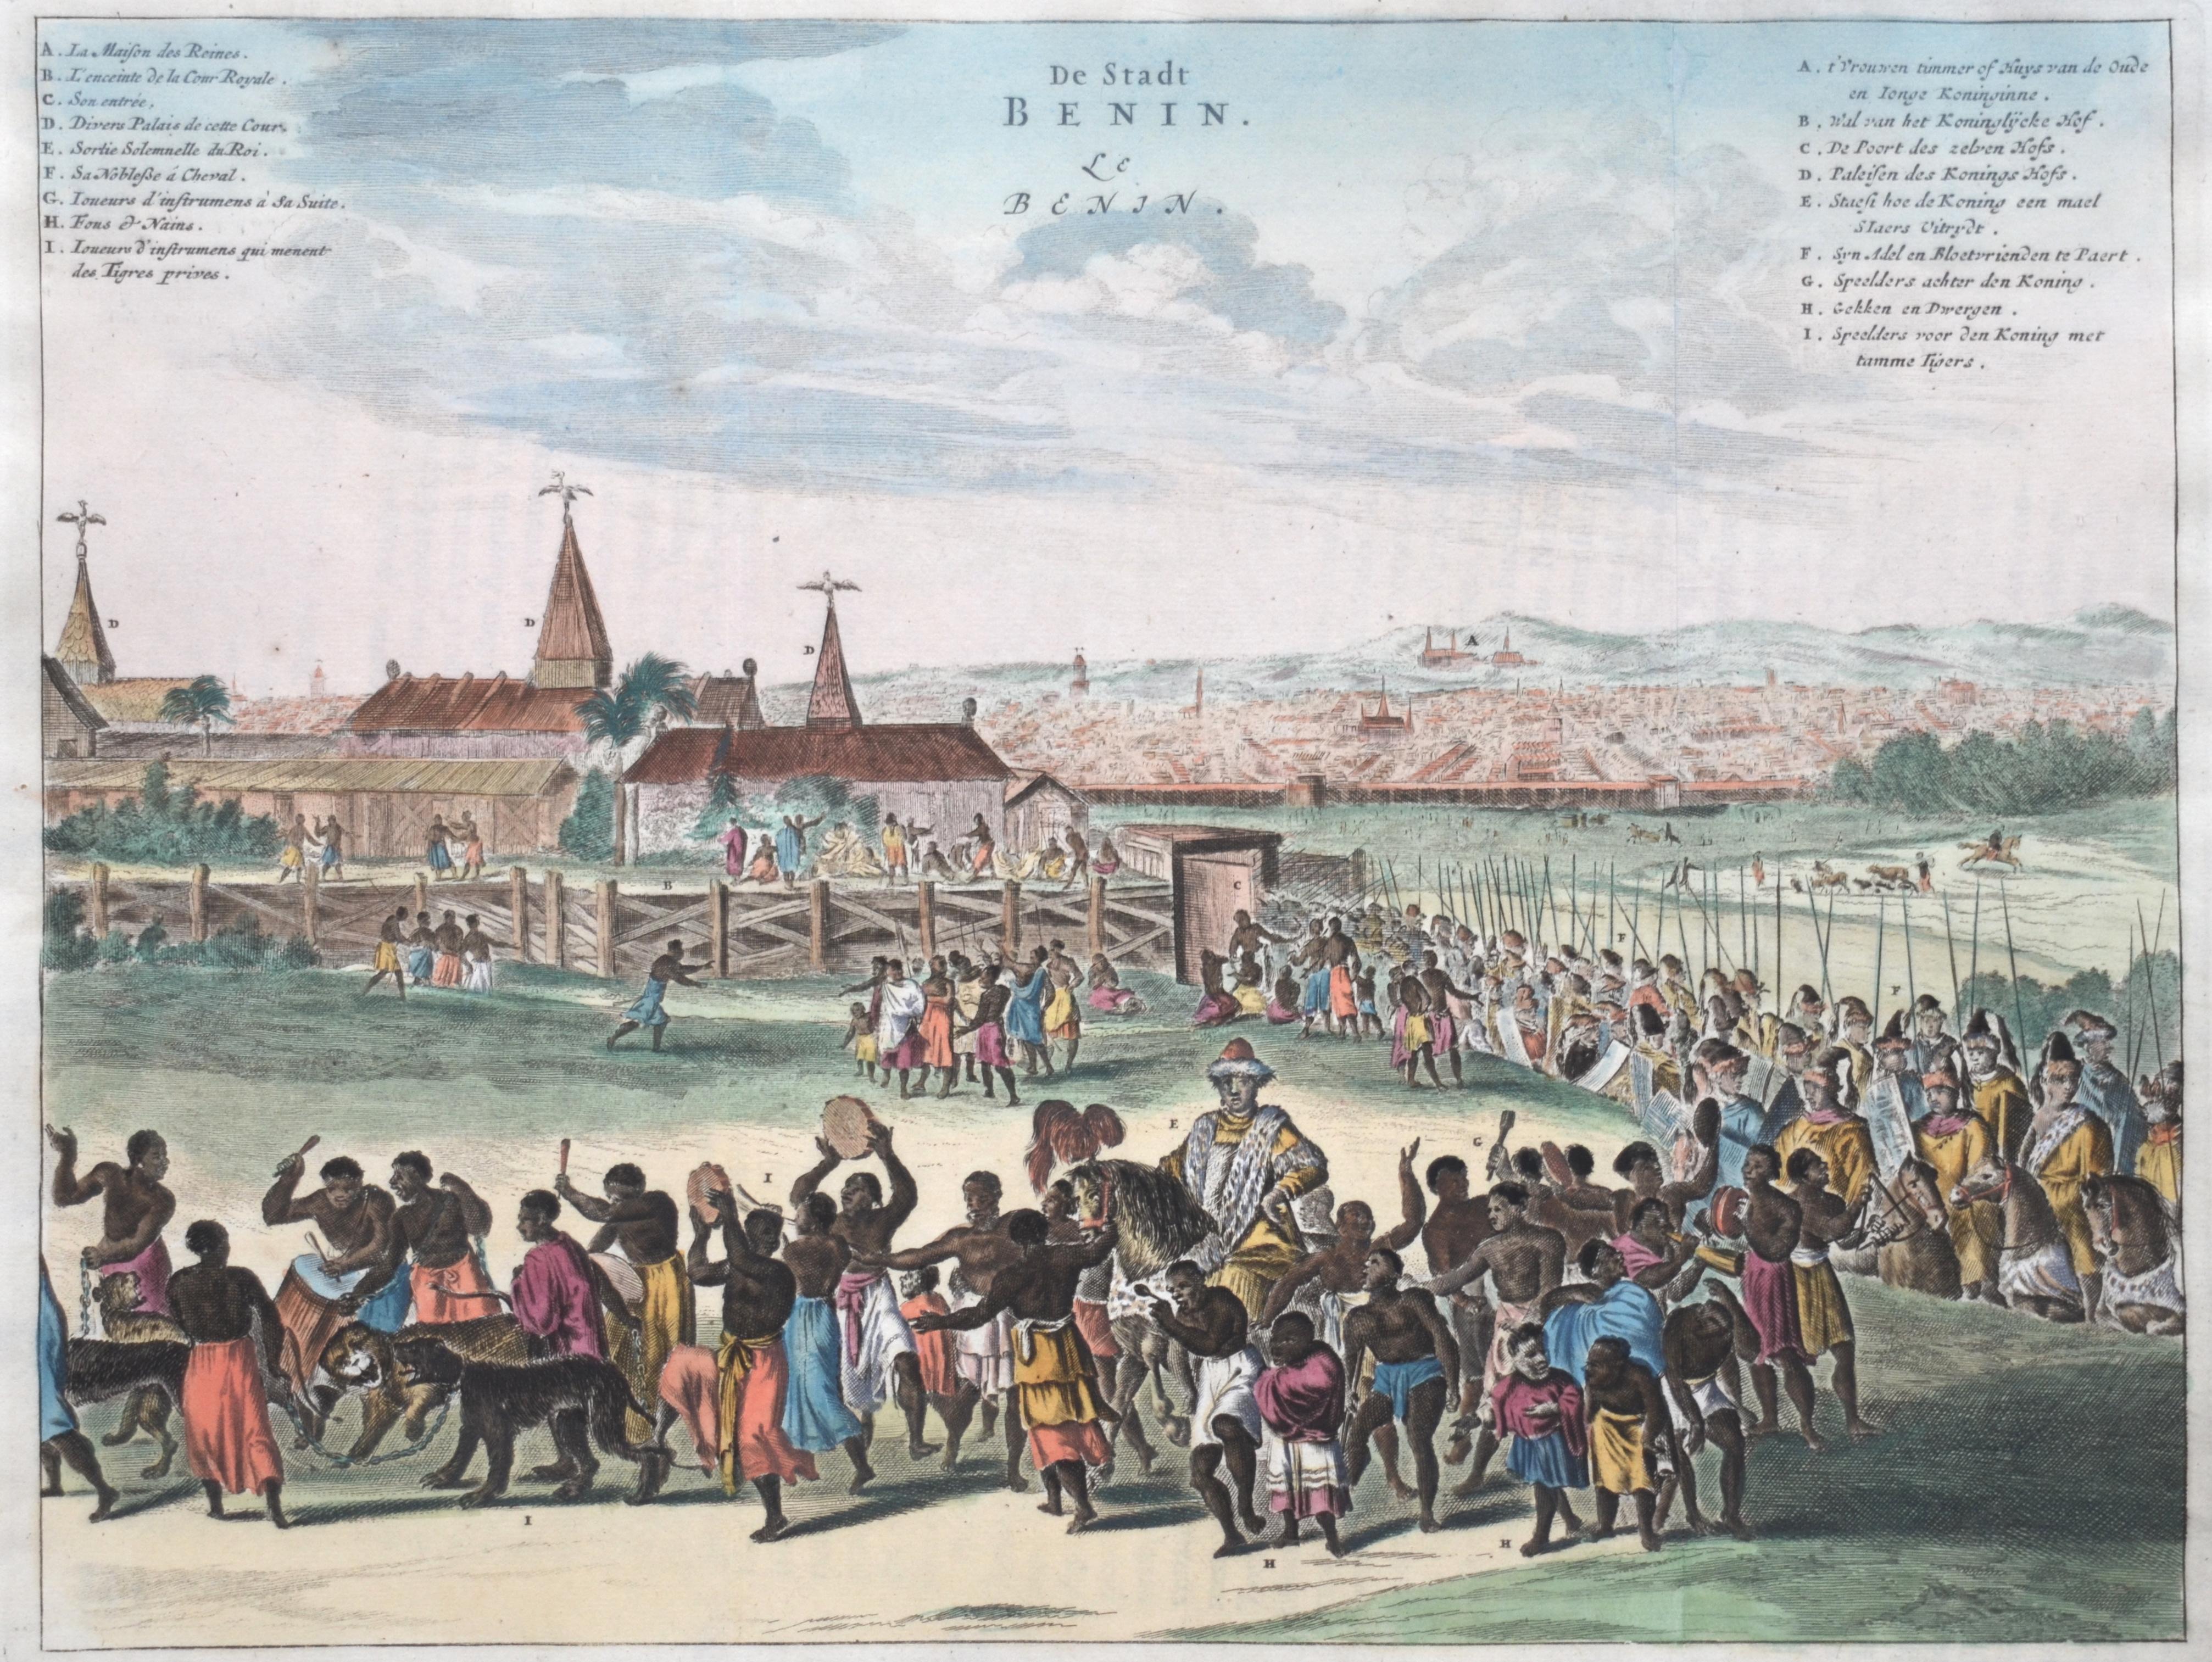 Dapper  De Stadt Benin. Le Benin.